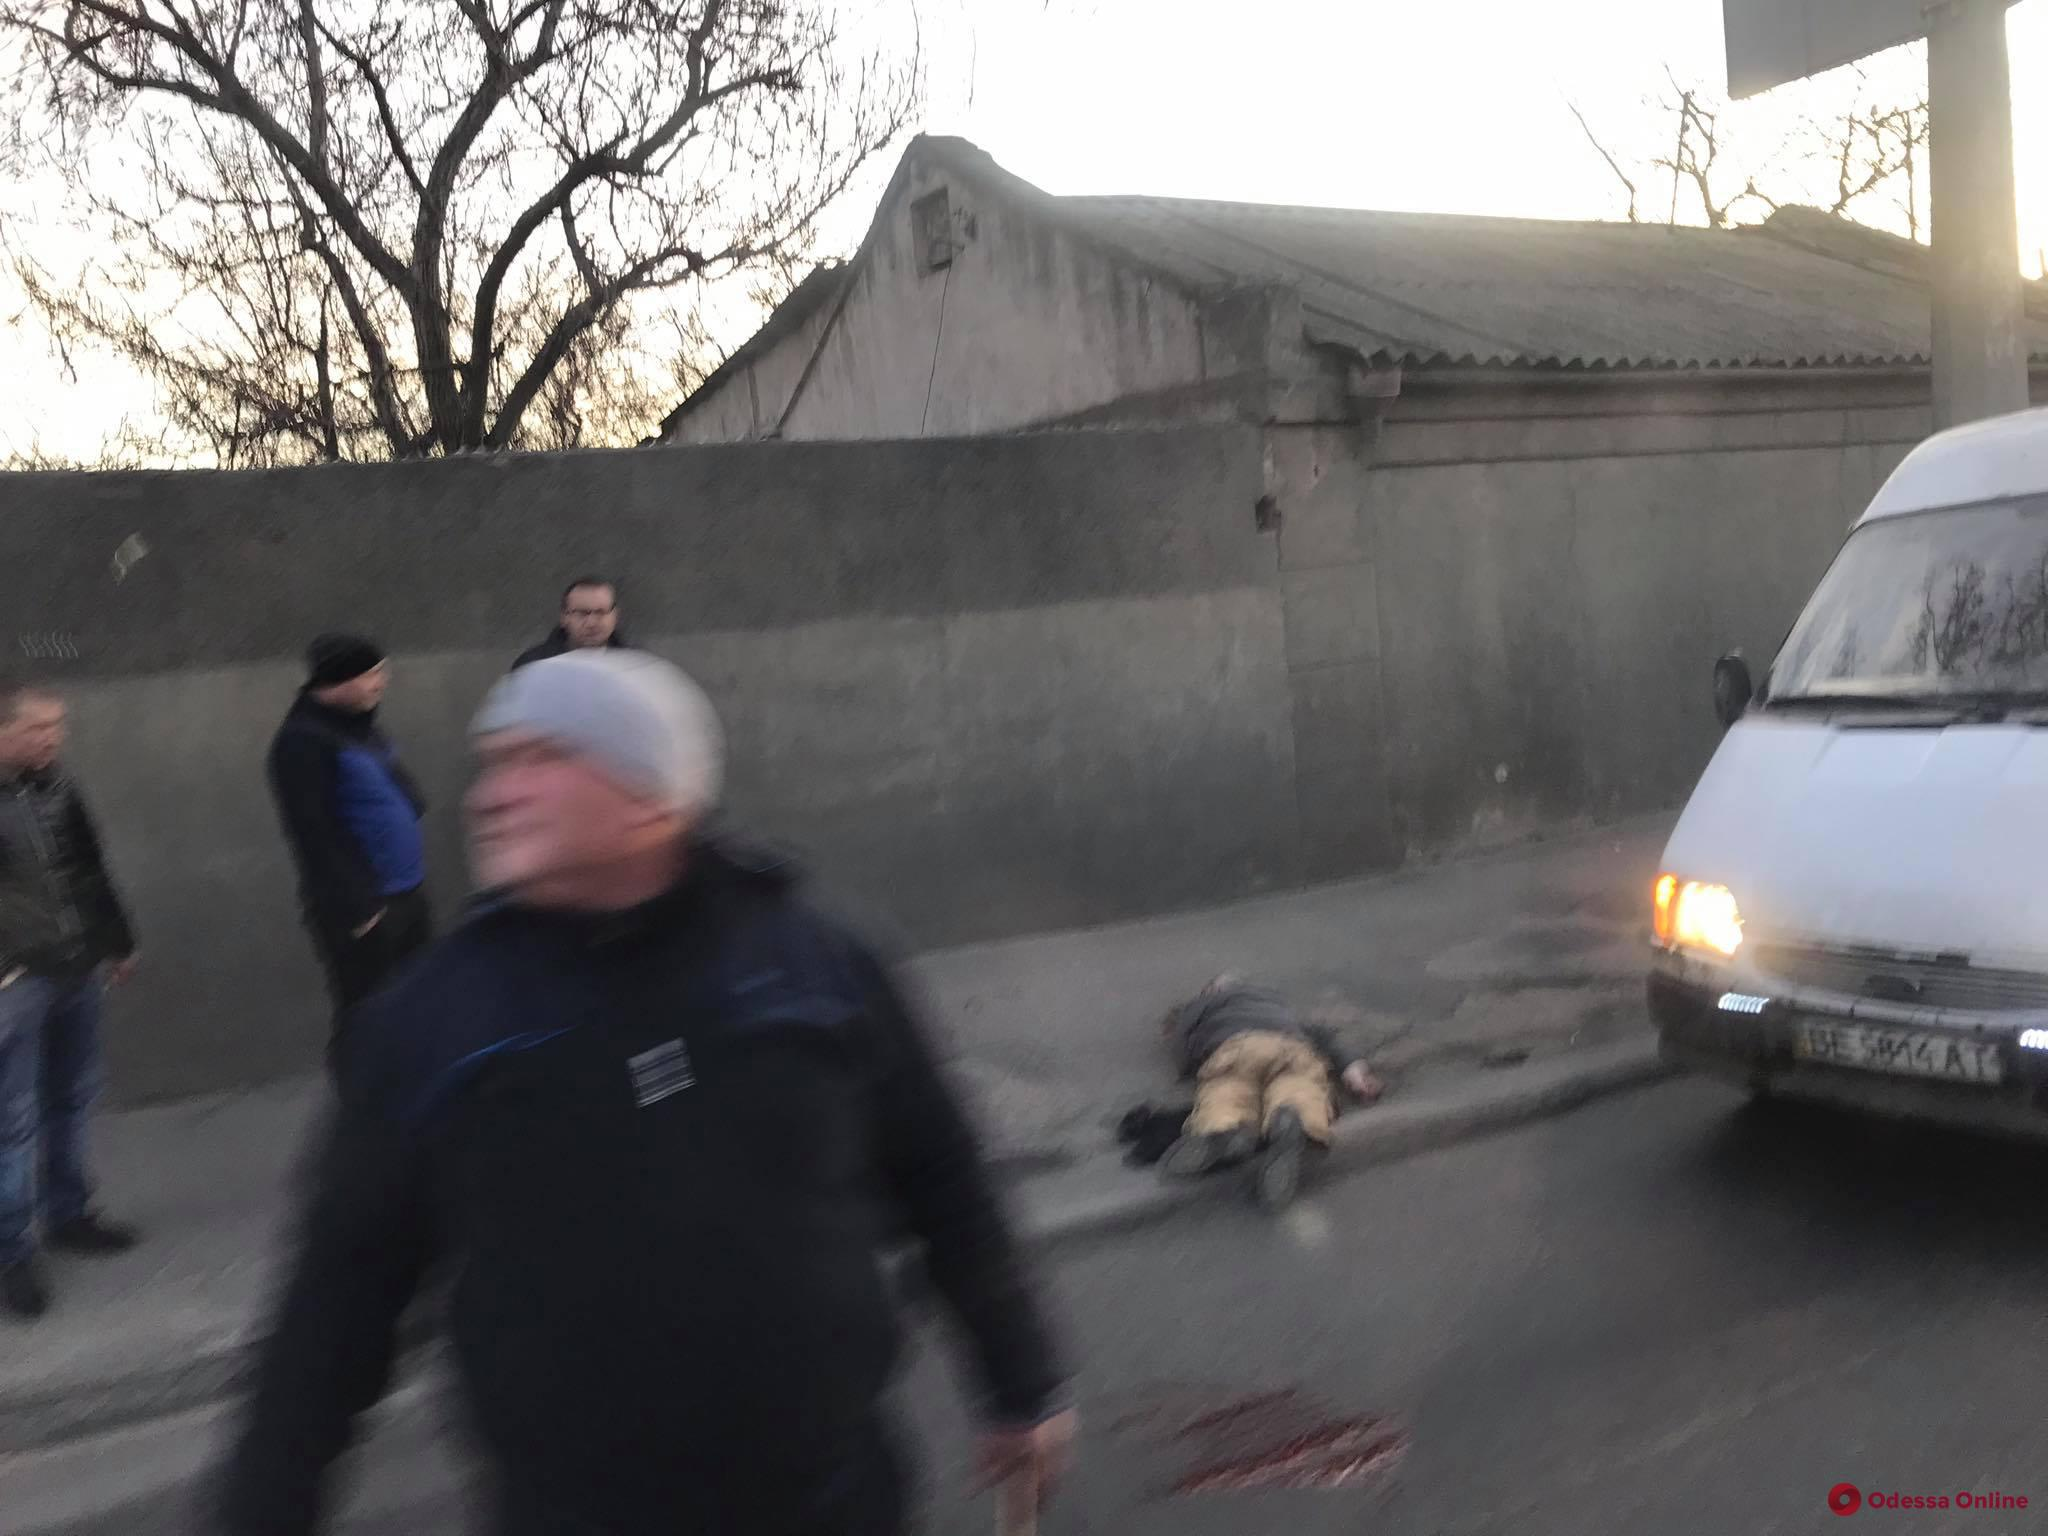 НаМихаила Грушевского автомобиль сбил пешехода – виновник скрылся (фото)